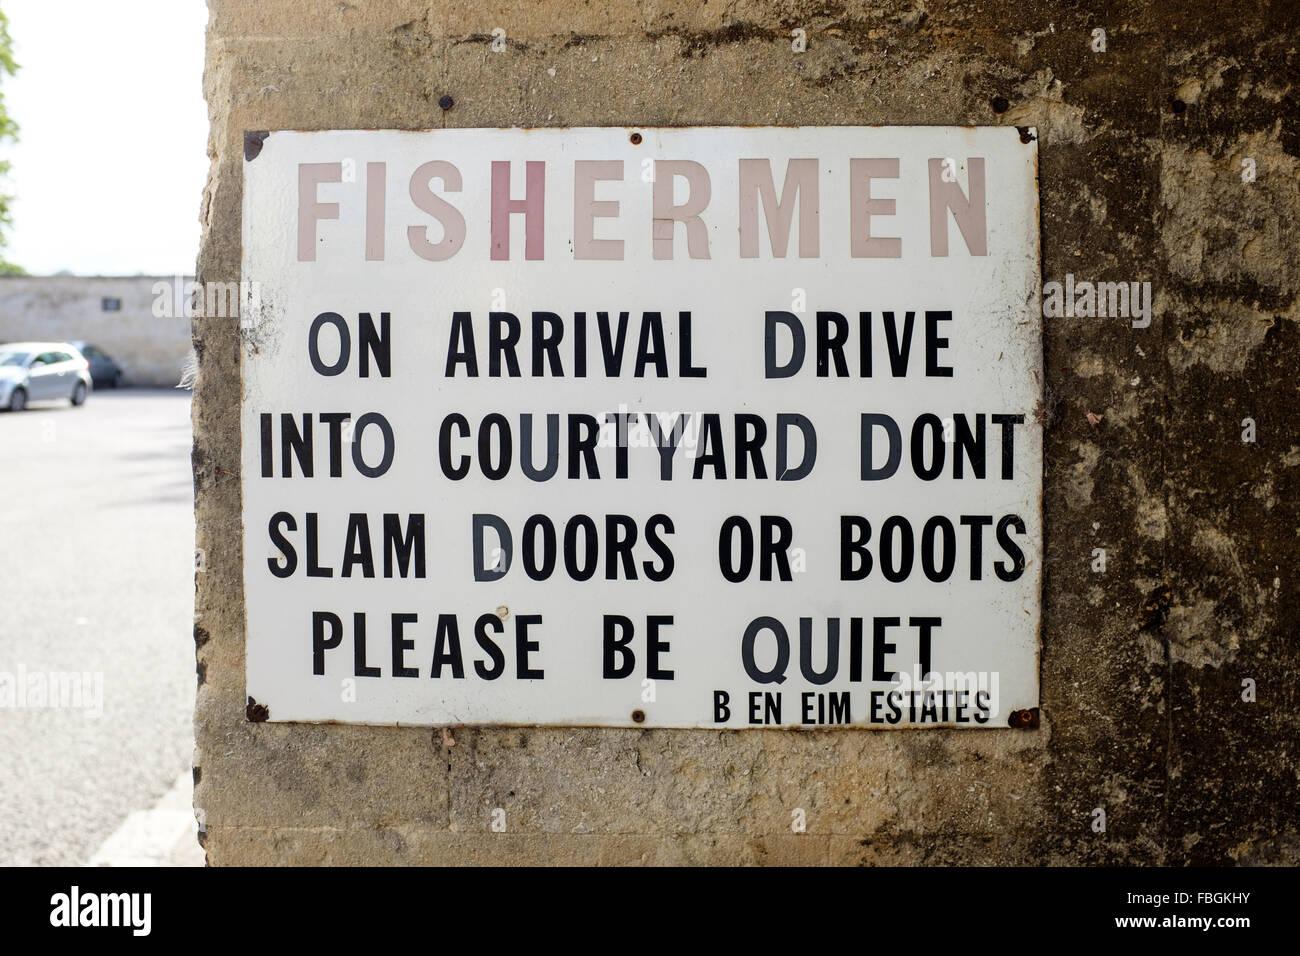 Sign \u0027Fisherman on arrival drive into courtyard dont slam doors or boots please be quiet & Slam Door Stock Photos \u0026 Slam Door Stock Images - Alamy